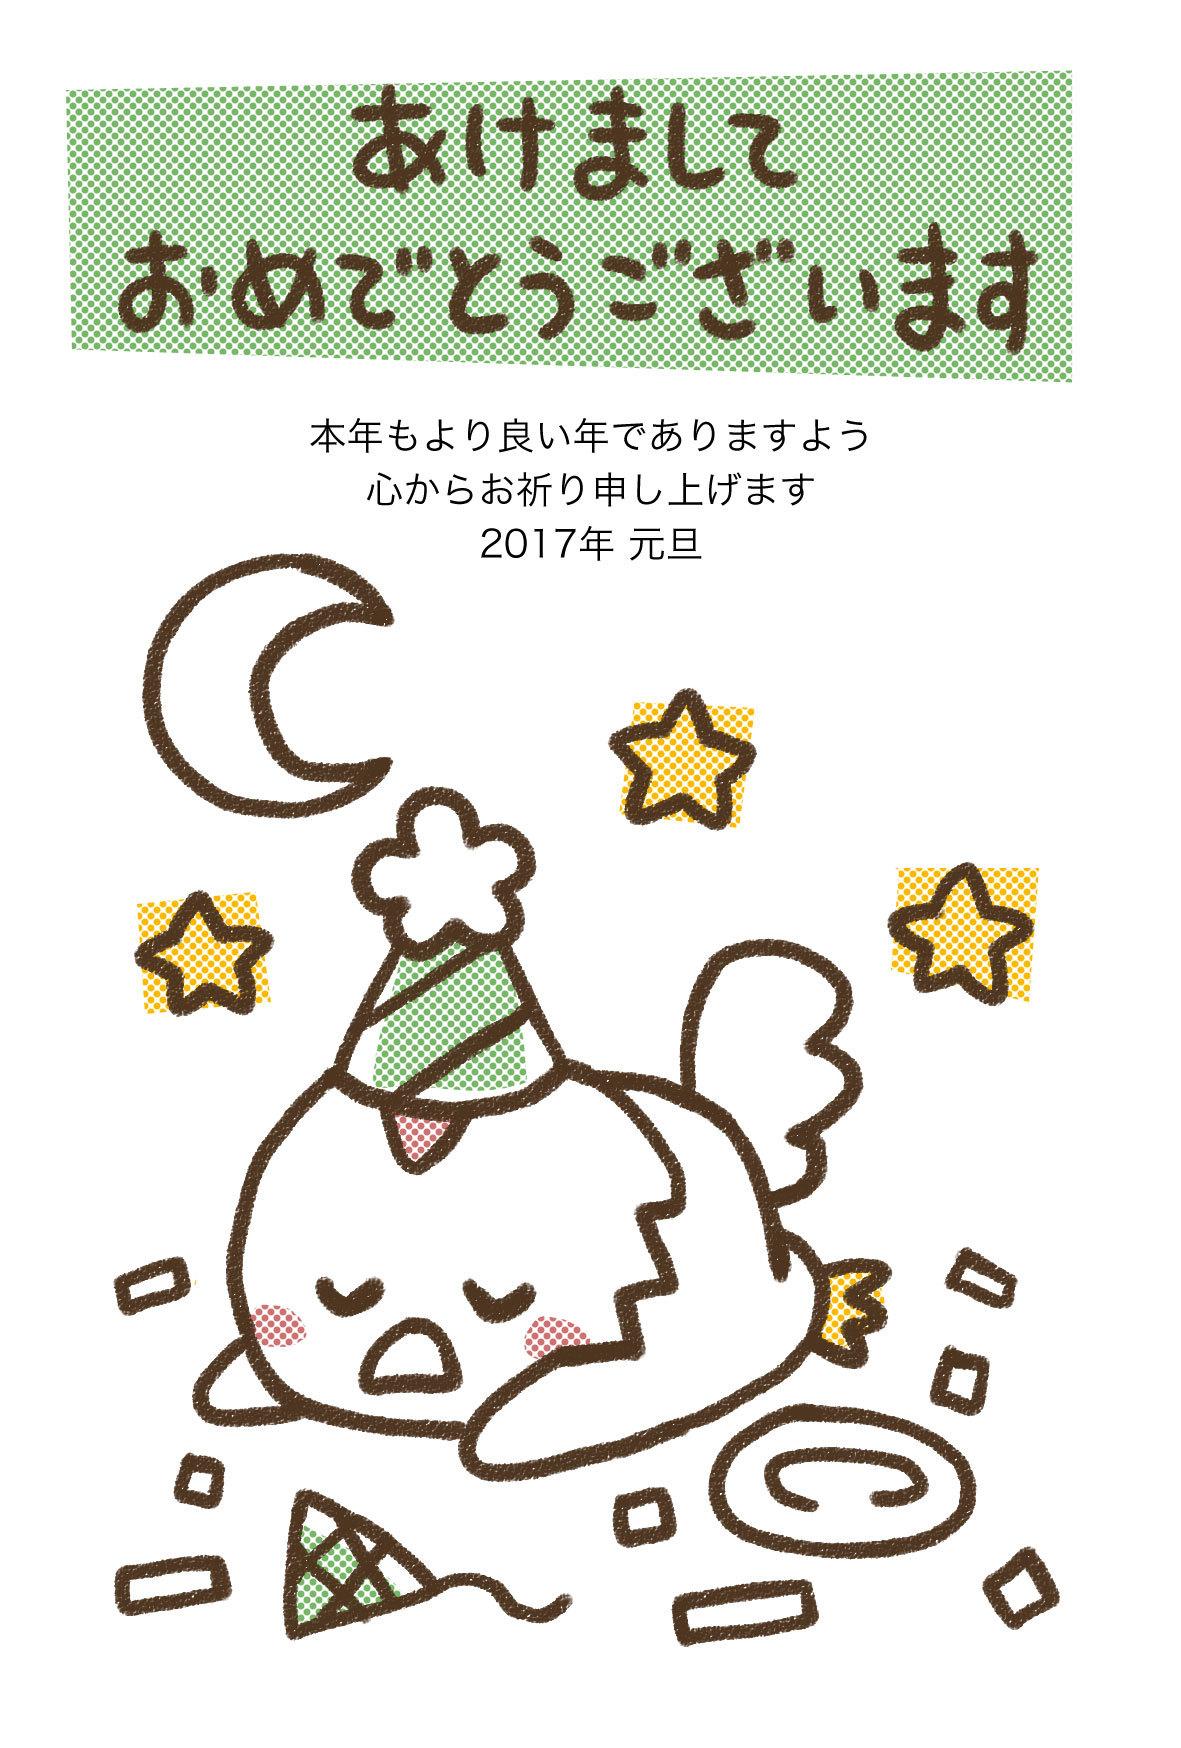 yurukawa_tori_sleep.jpg